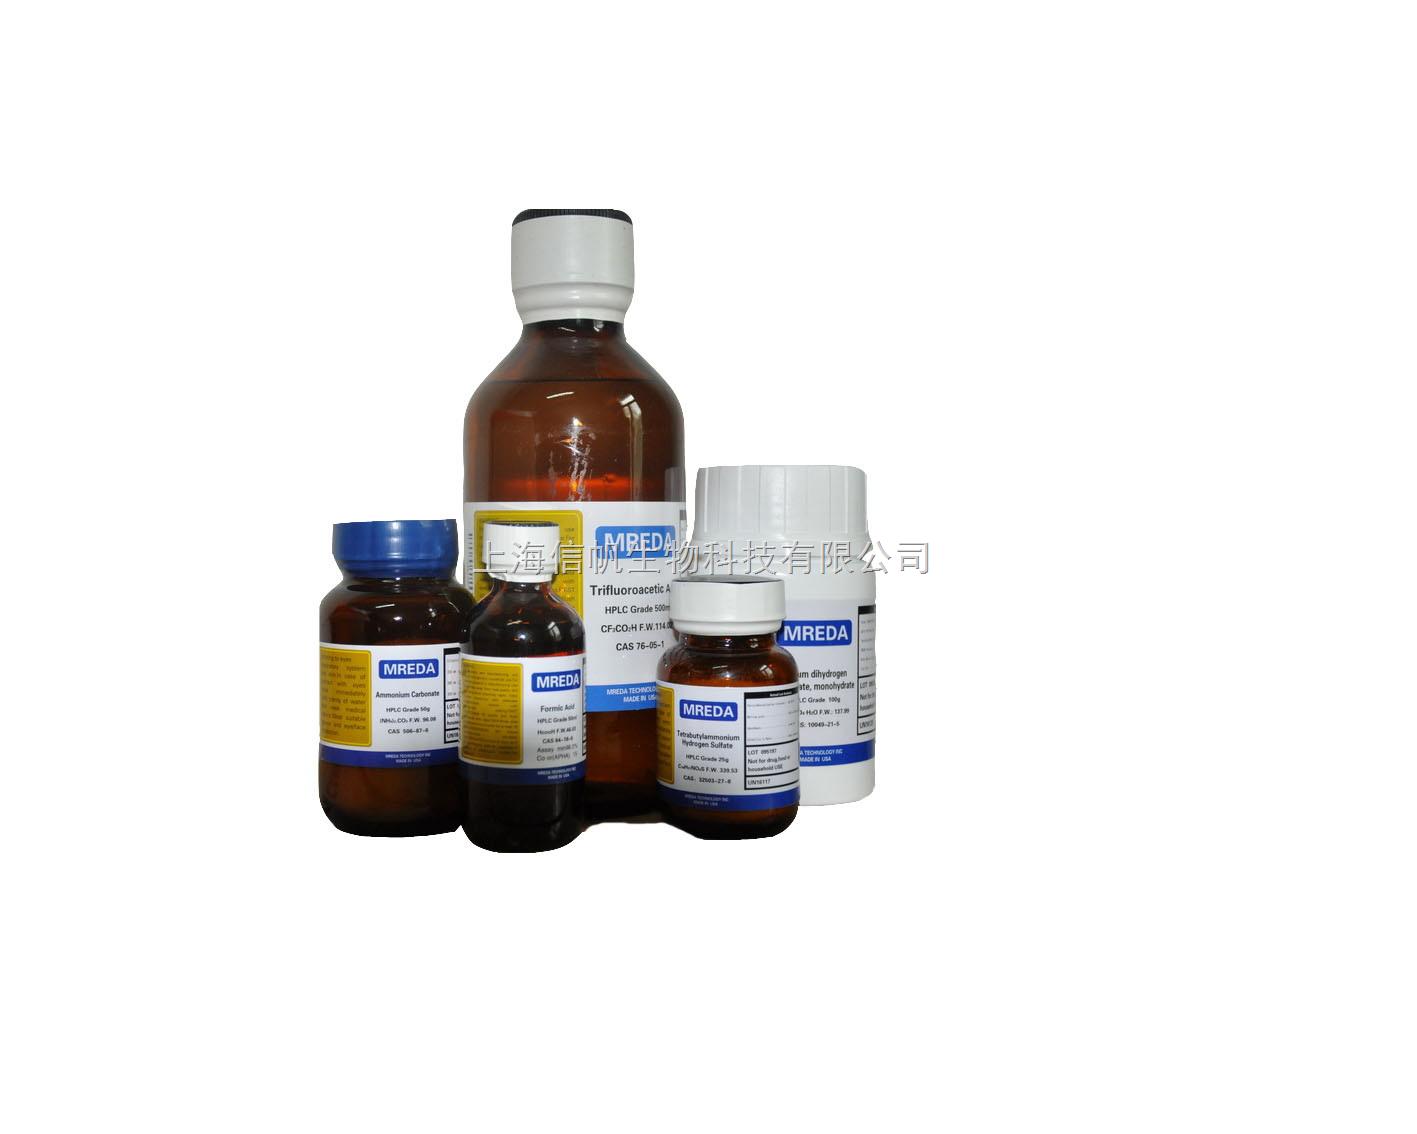 瑞氏姬姆萨复合染液,高纯度液体试剂